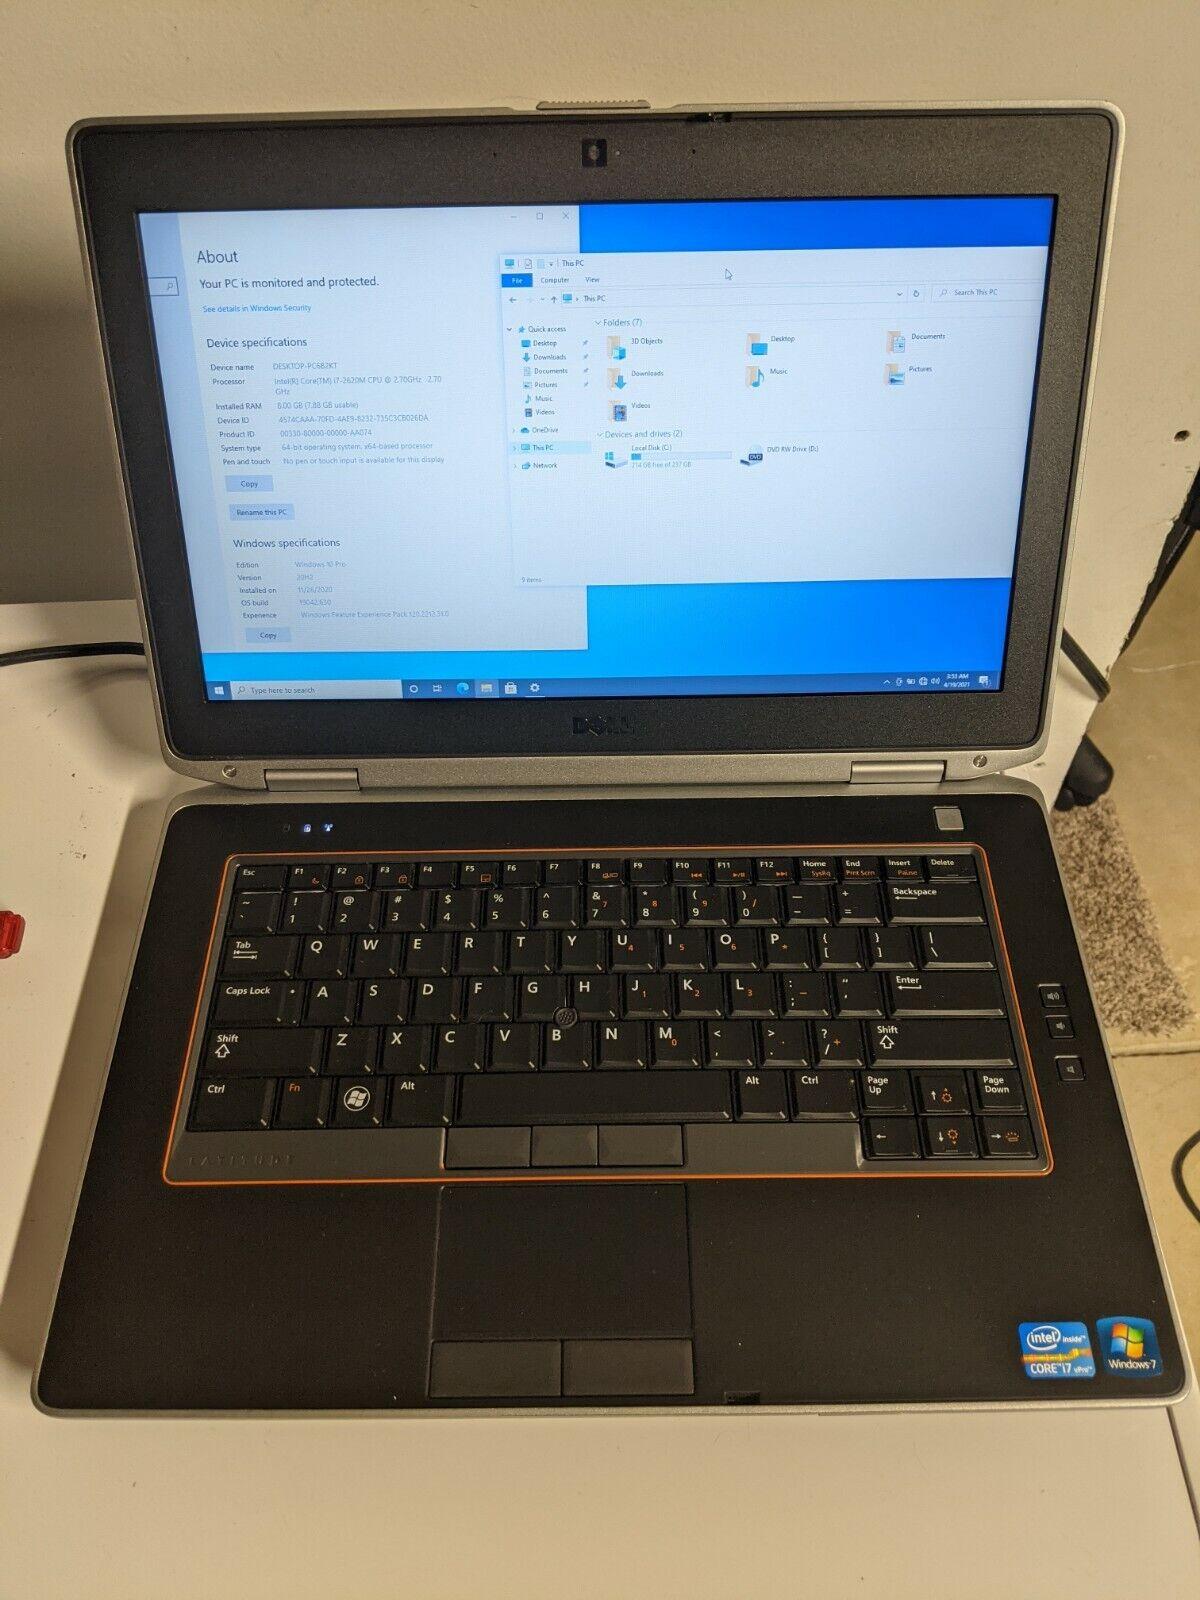 Dell Latitude E6420 Intel Core i7-2620M 2.7GHz 8GB RAM 256GB SSD Win 10 Pro